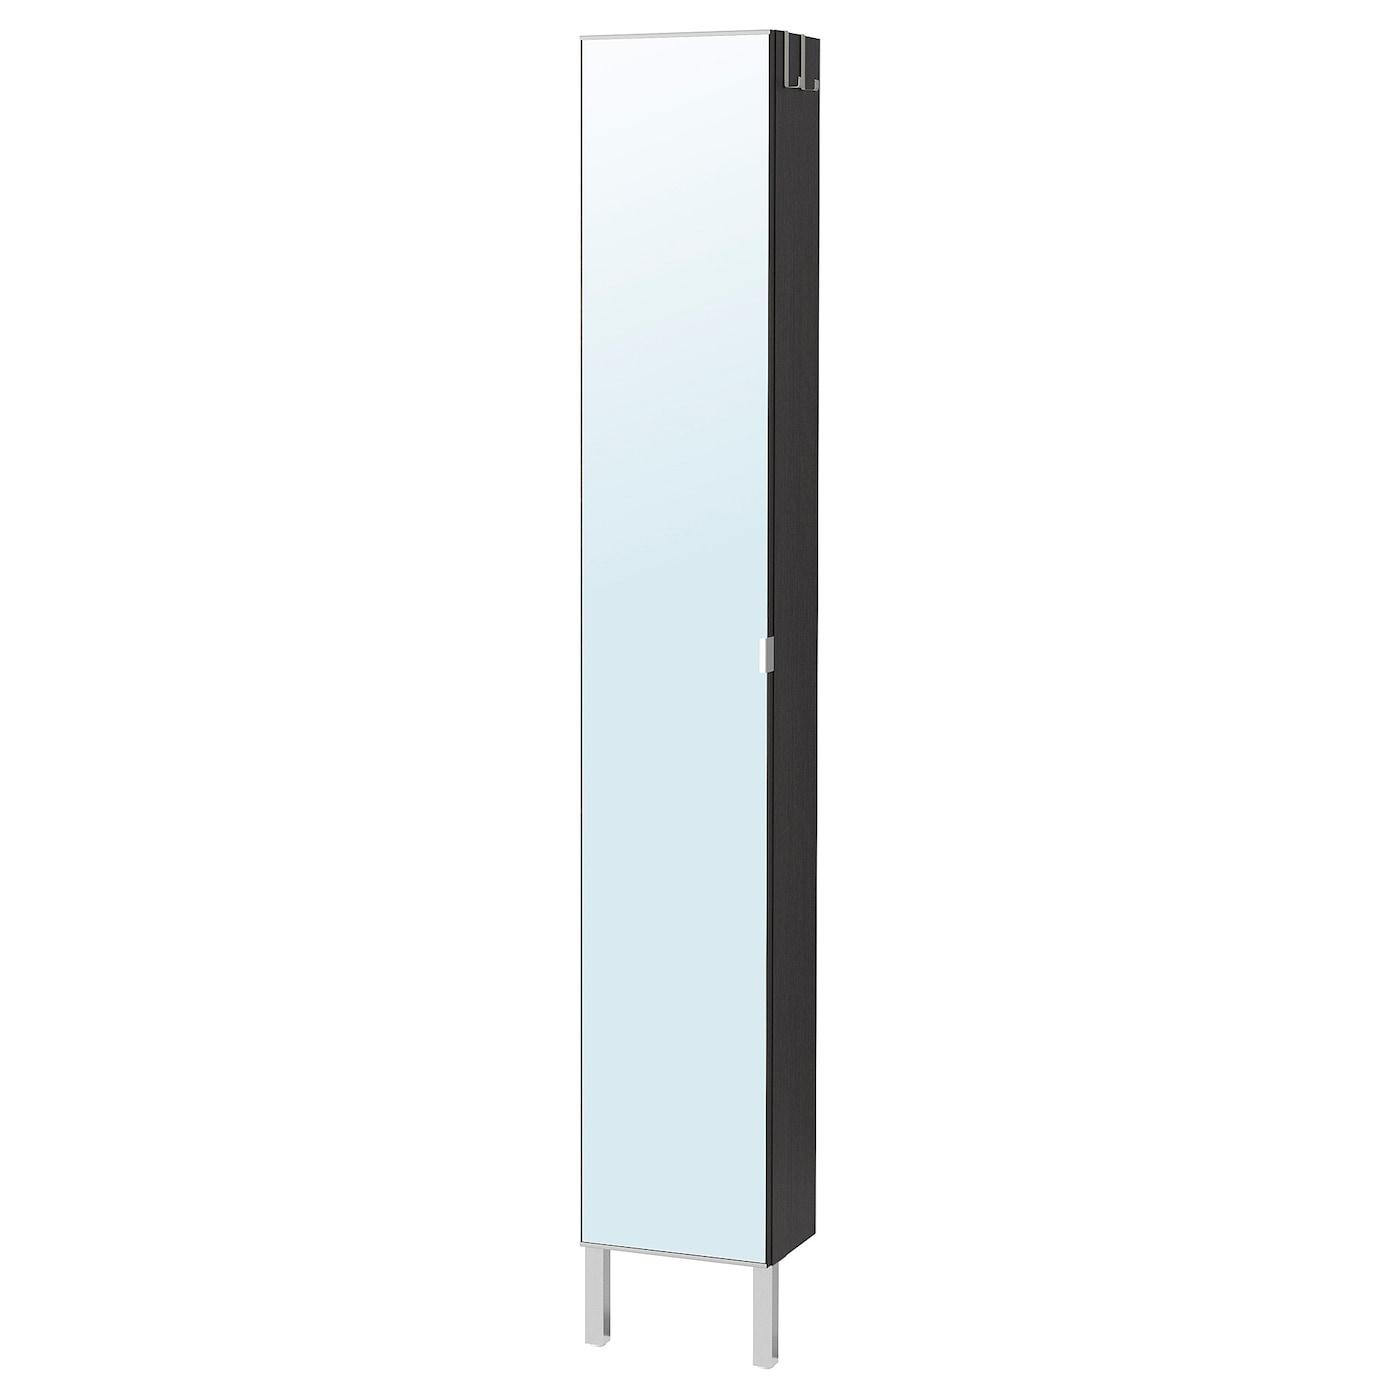 IKEA LILLÅNGEN czarnobrązowa, wysoka szafka z lustrzanymi drzwiami i nogami ze stali nierdzewnej, 30x21x194 cm